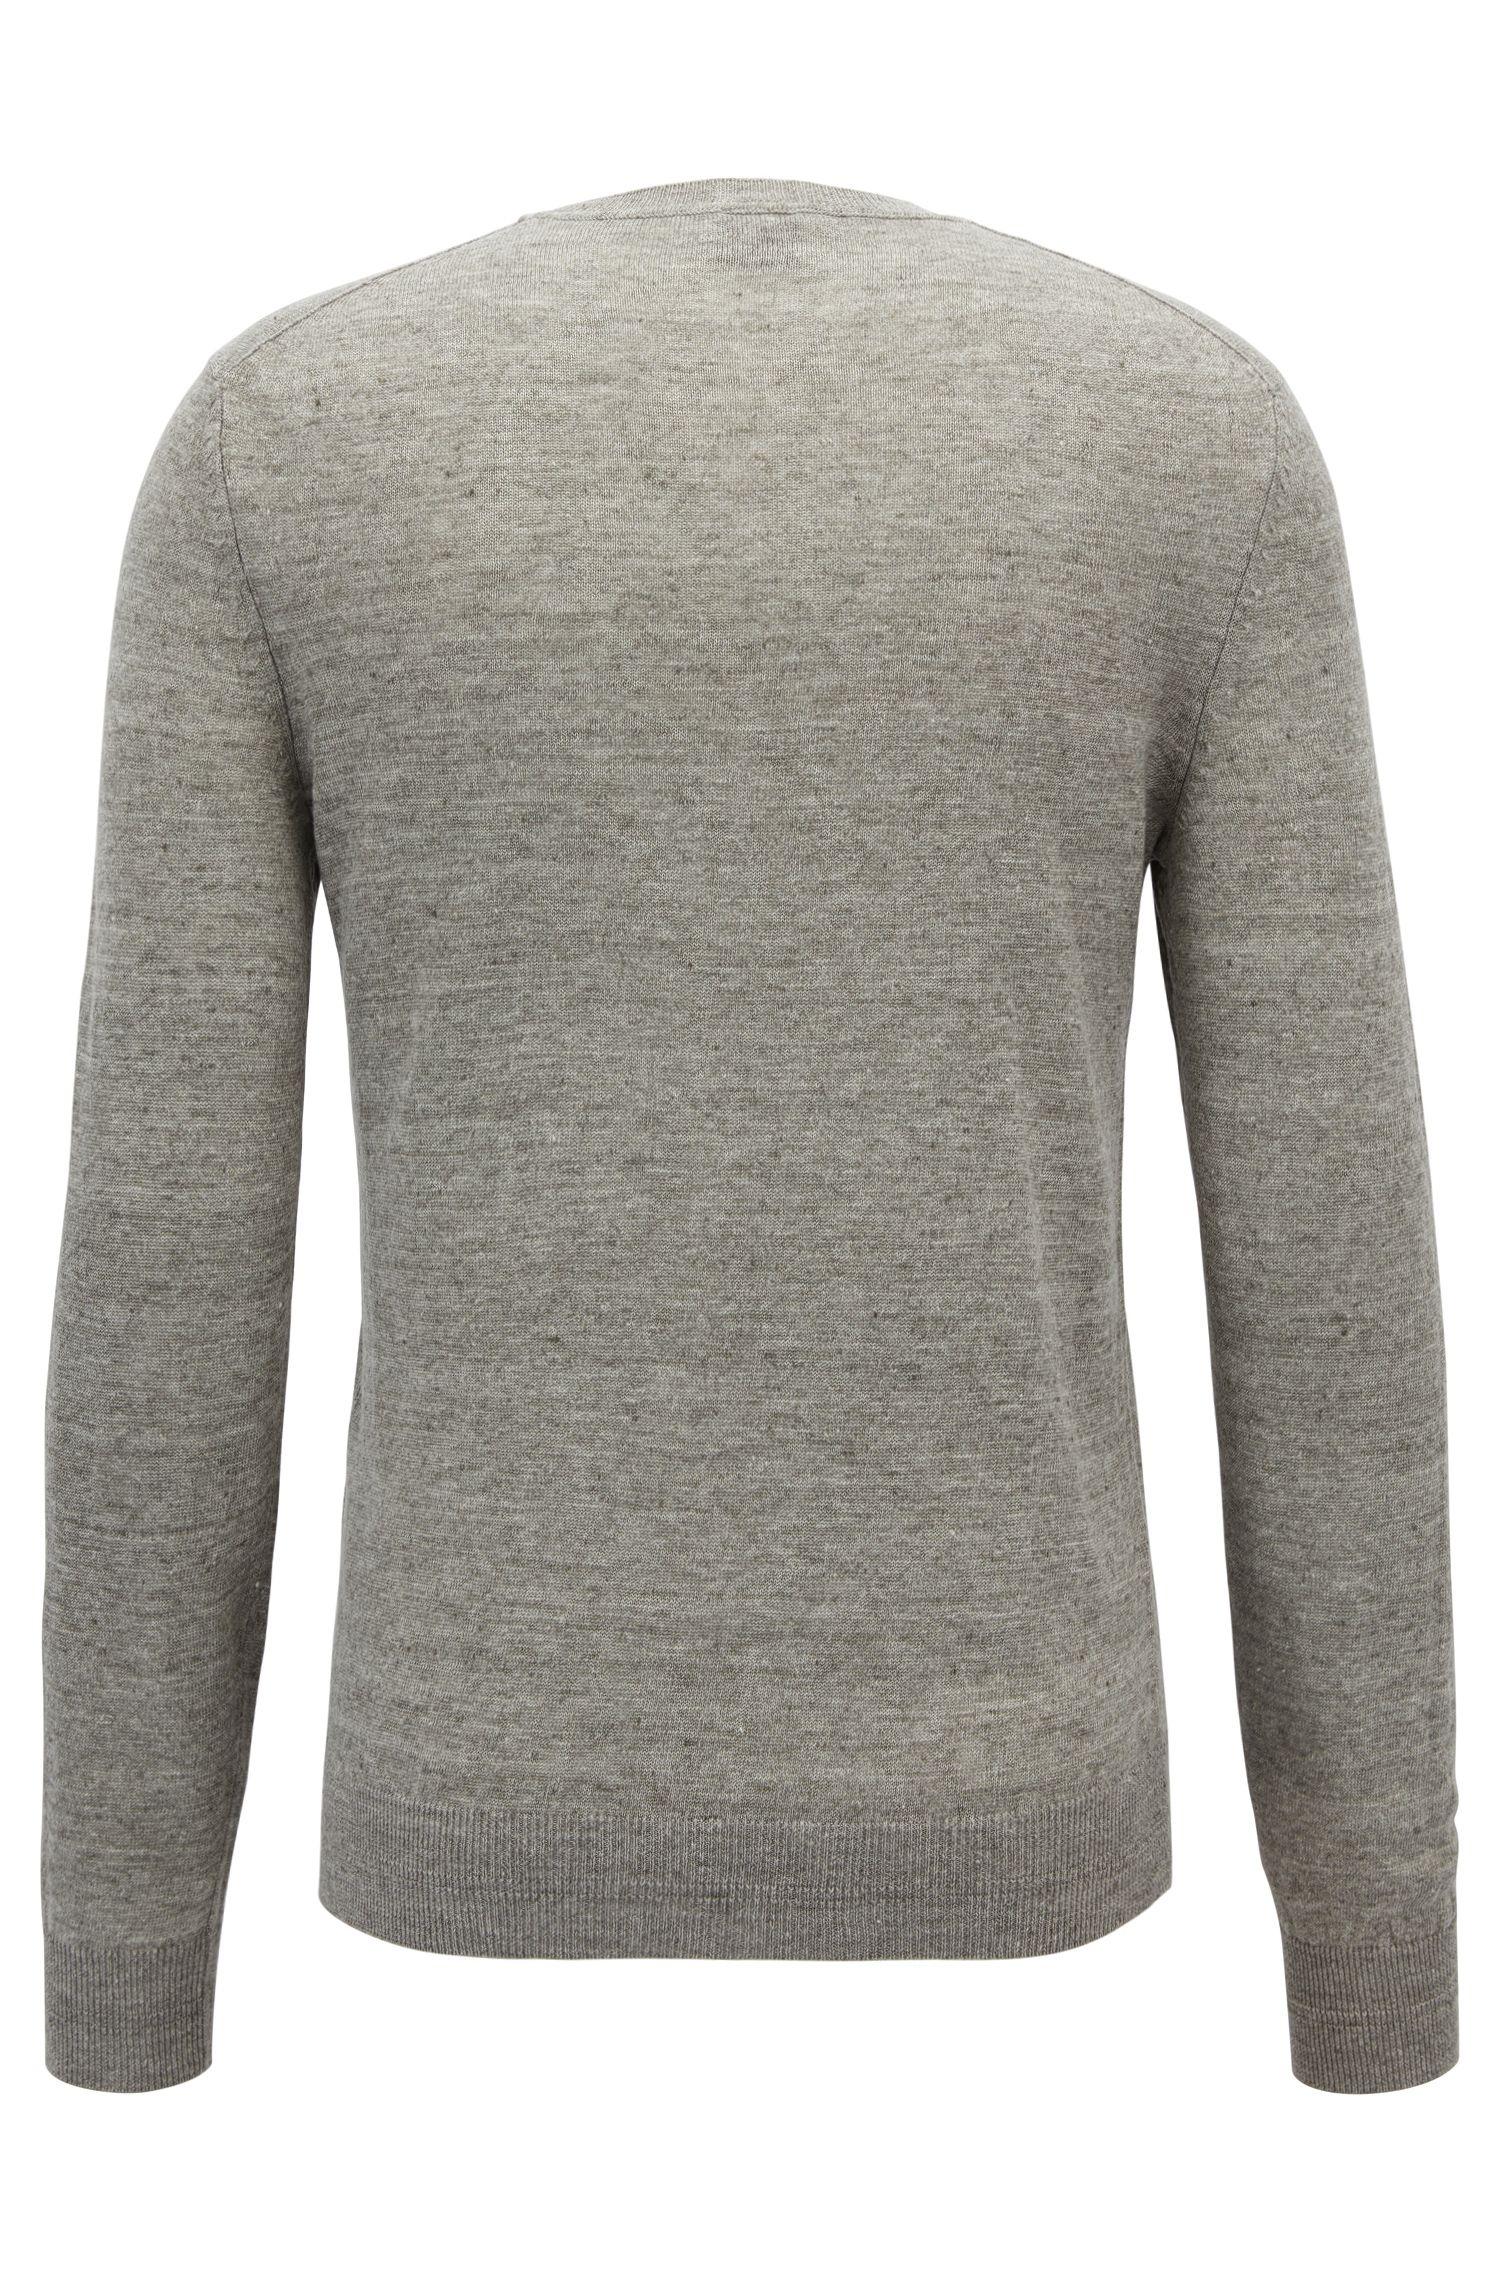 Leichter Pullover aus meliertem Leinen mit Rundhalsausschnitt